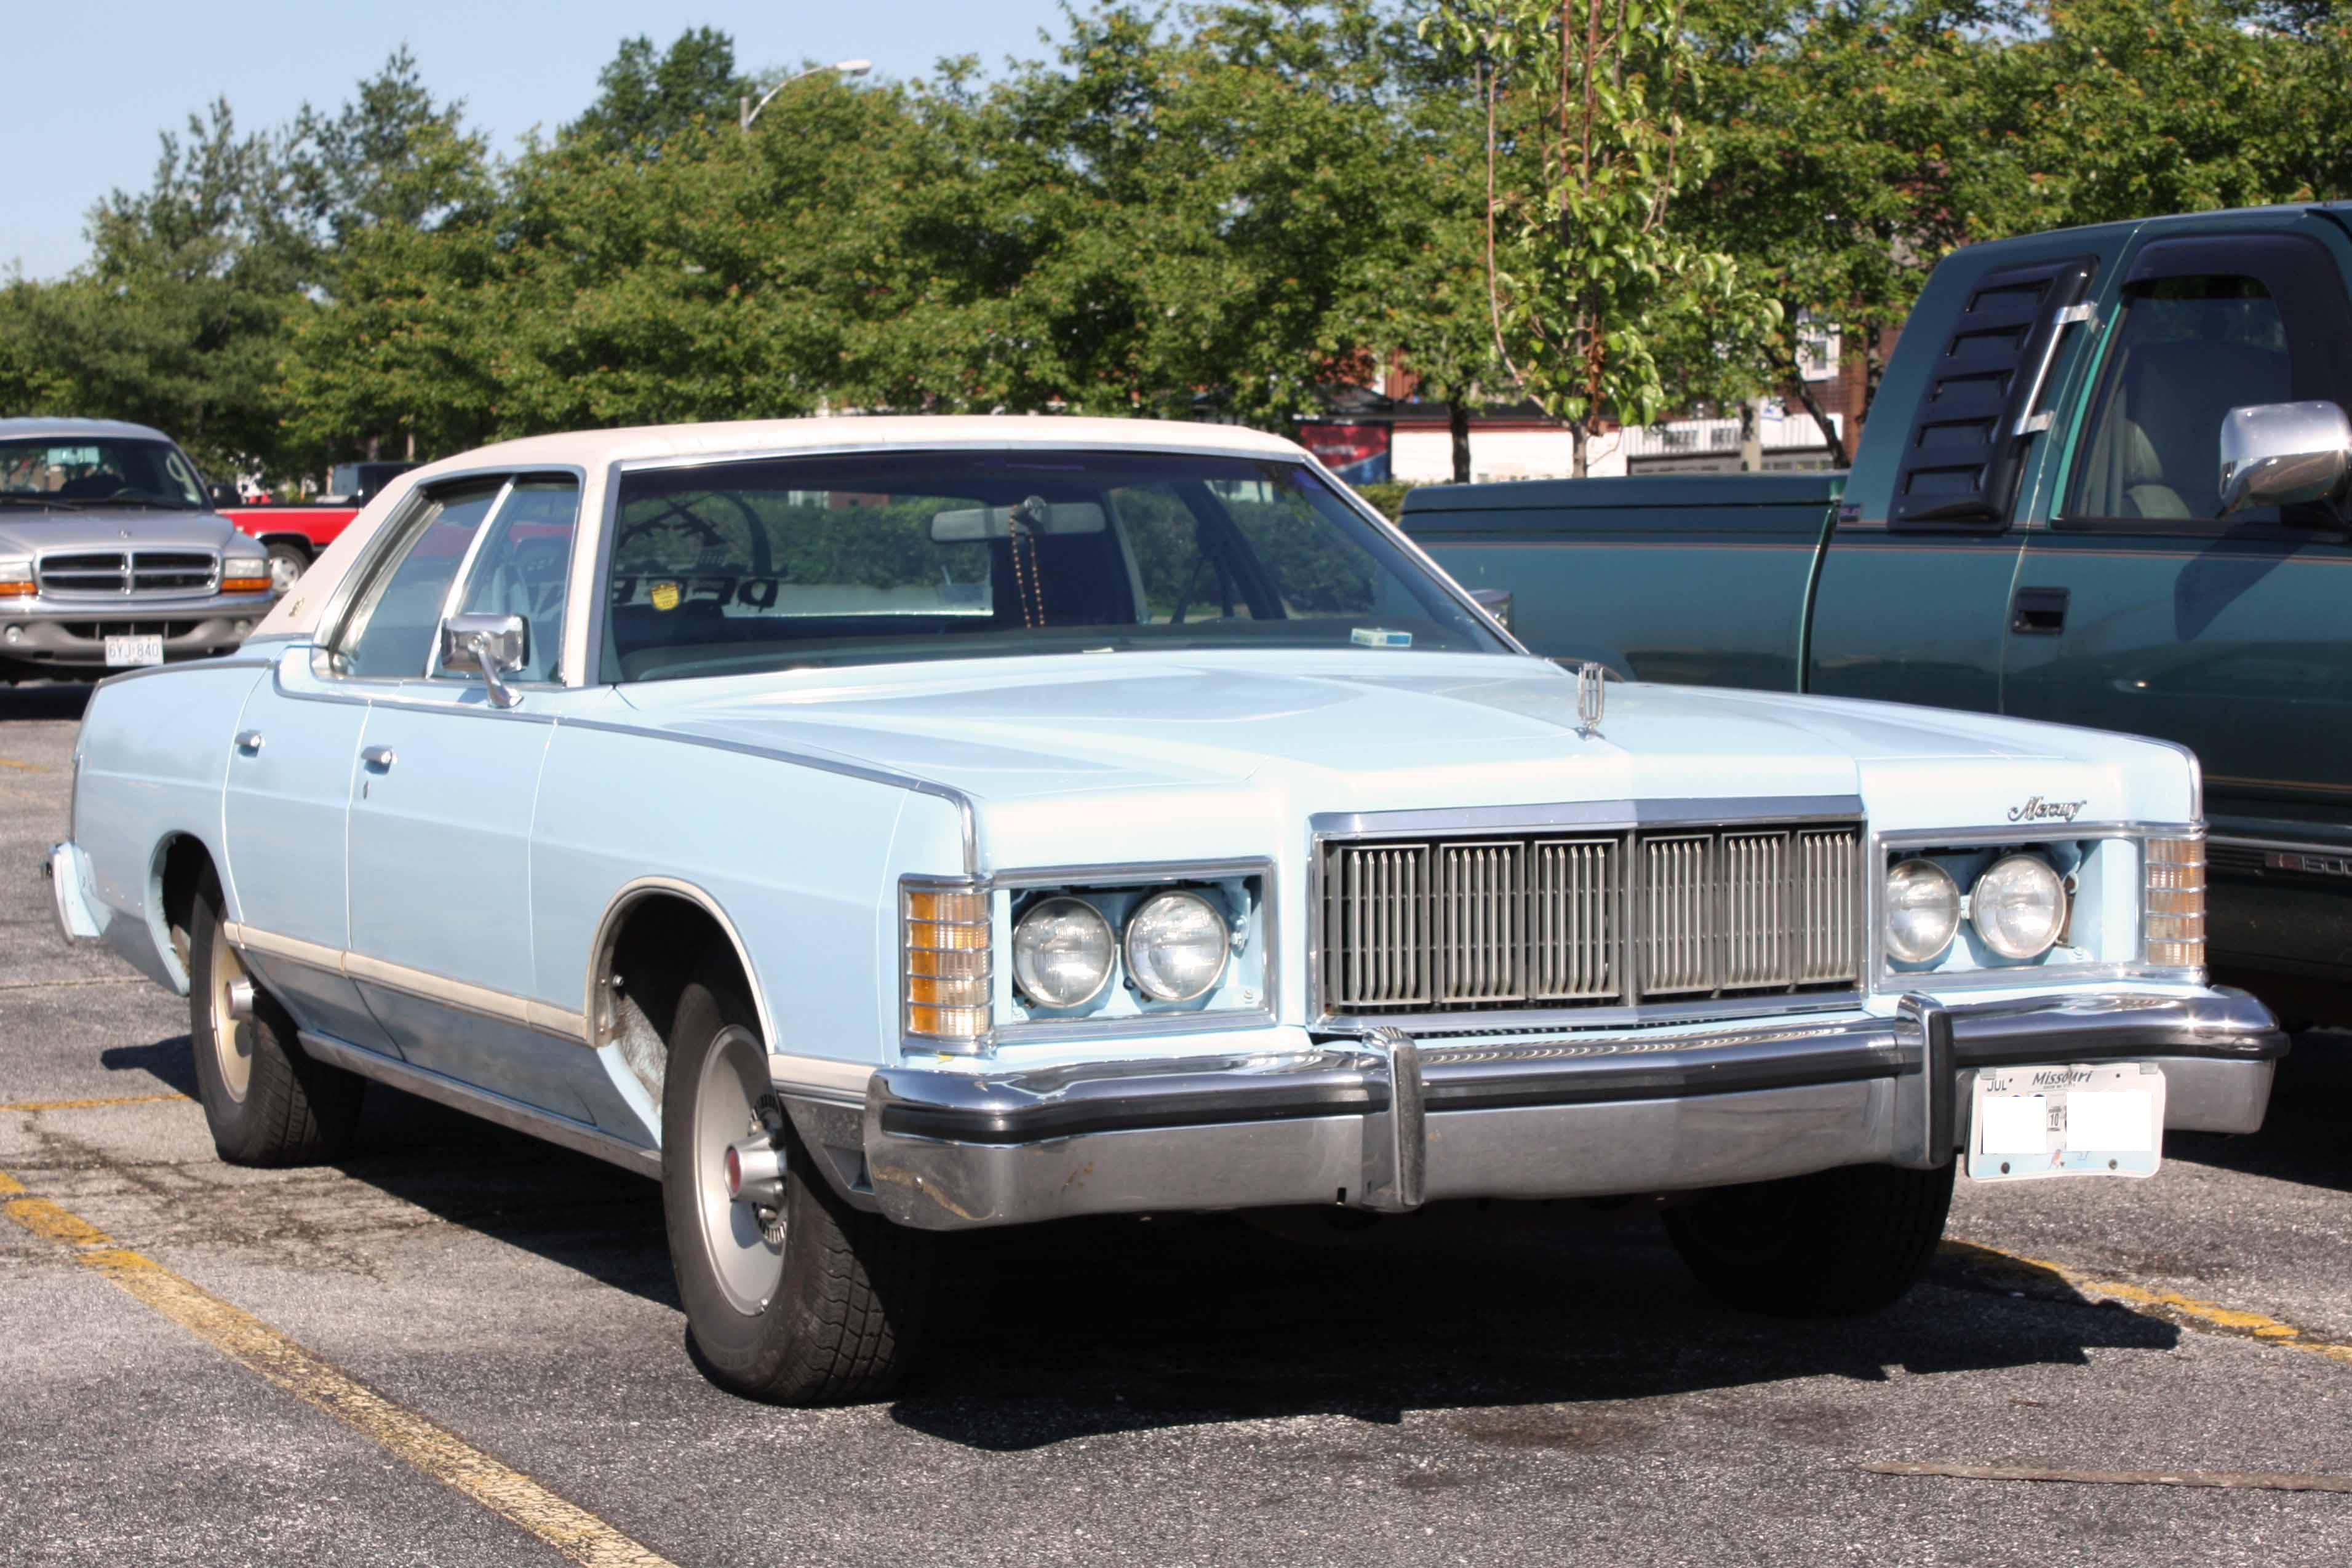 1975 1978 Grand Marquis 4-door sedan